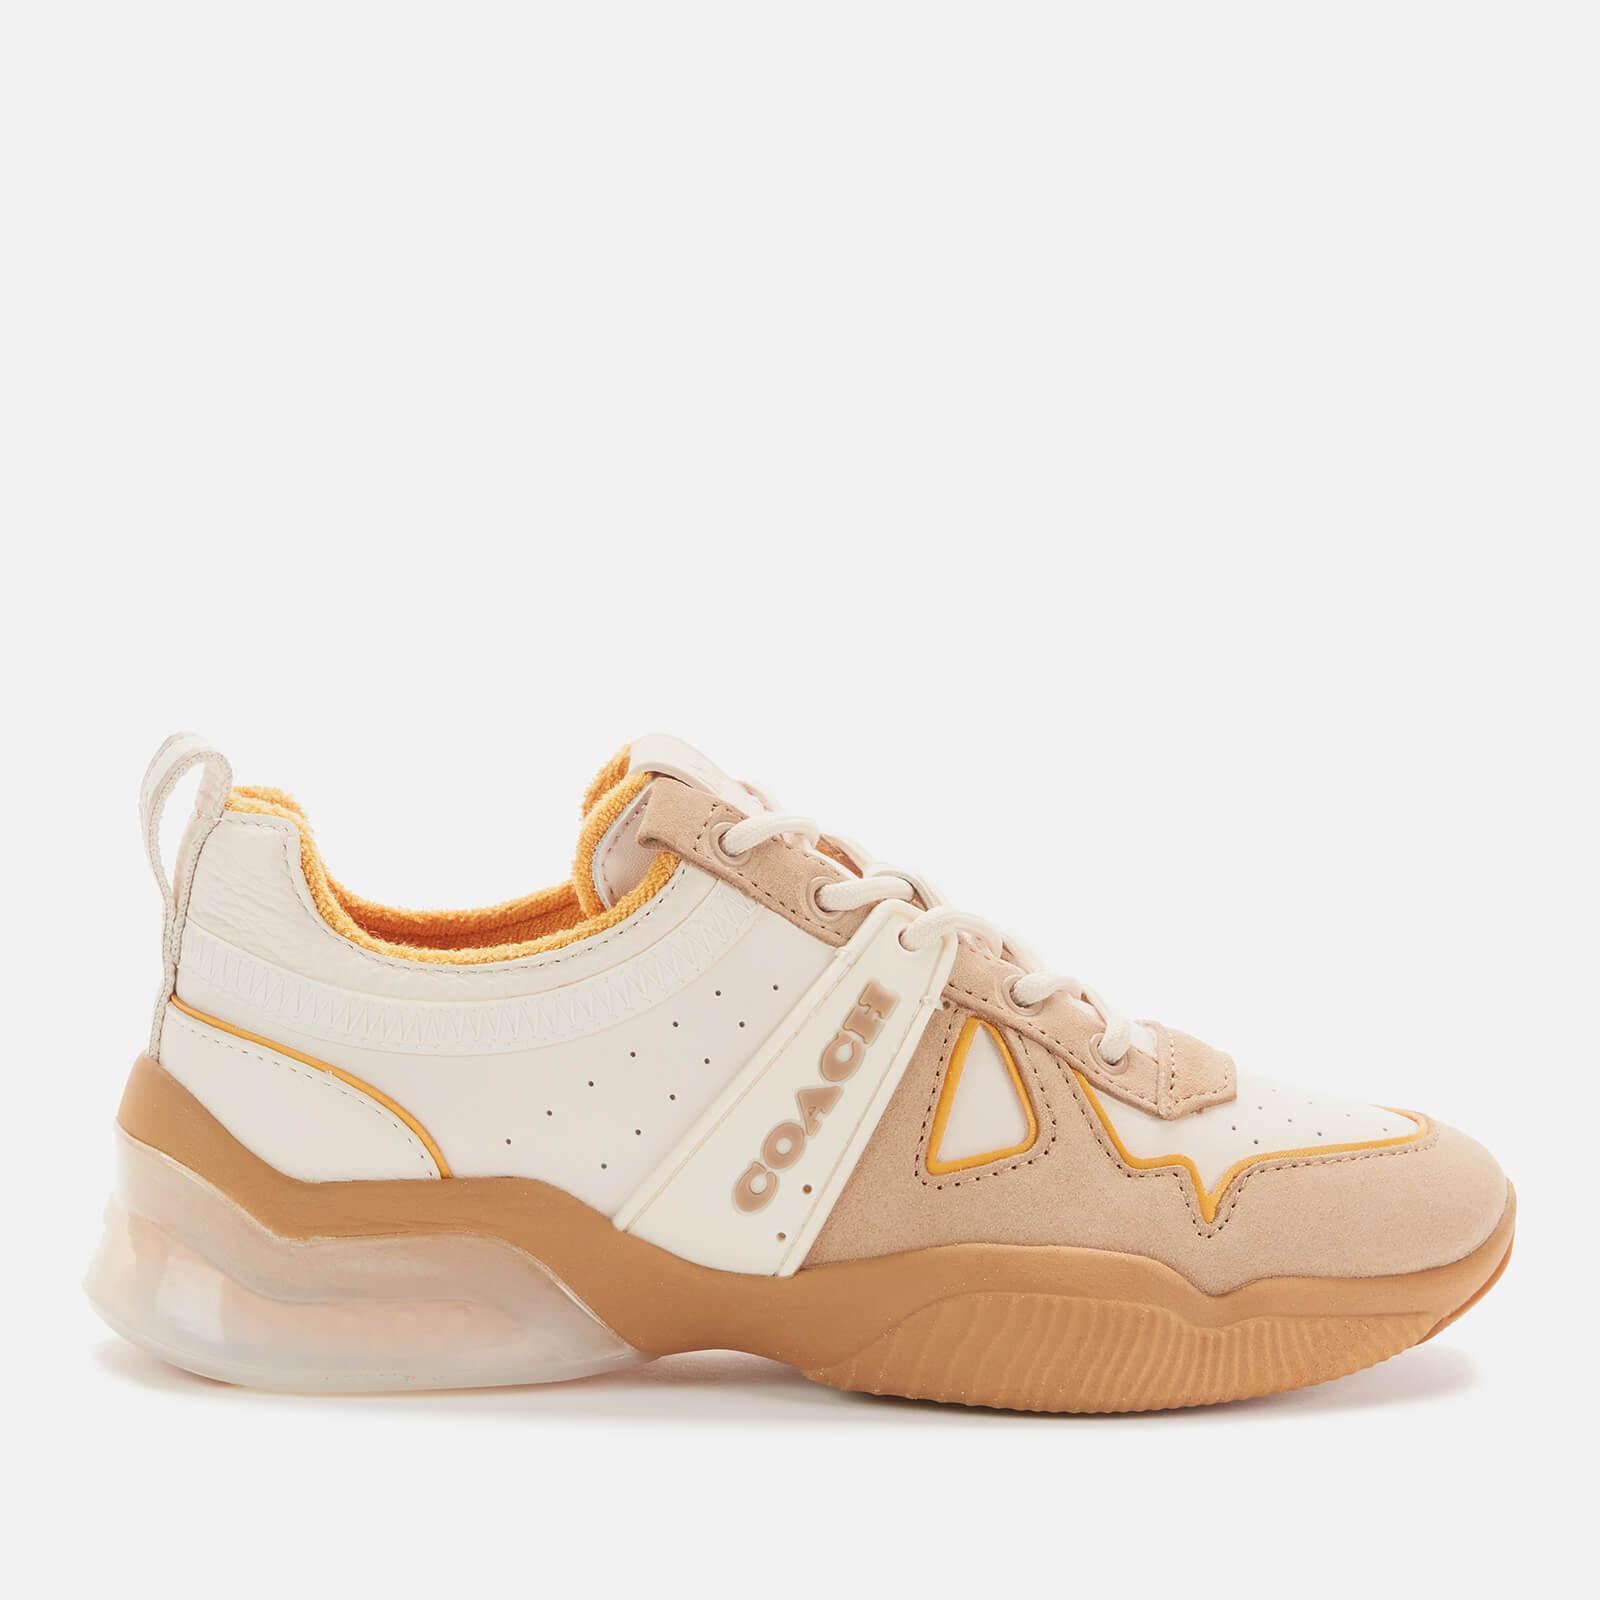 Coach 毛圈跑步运动鞋